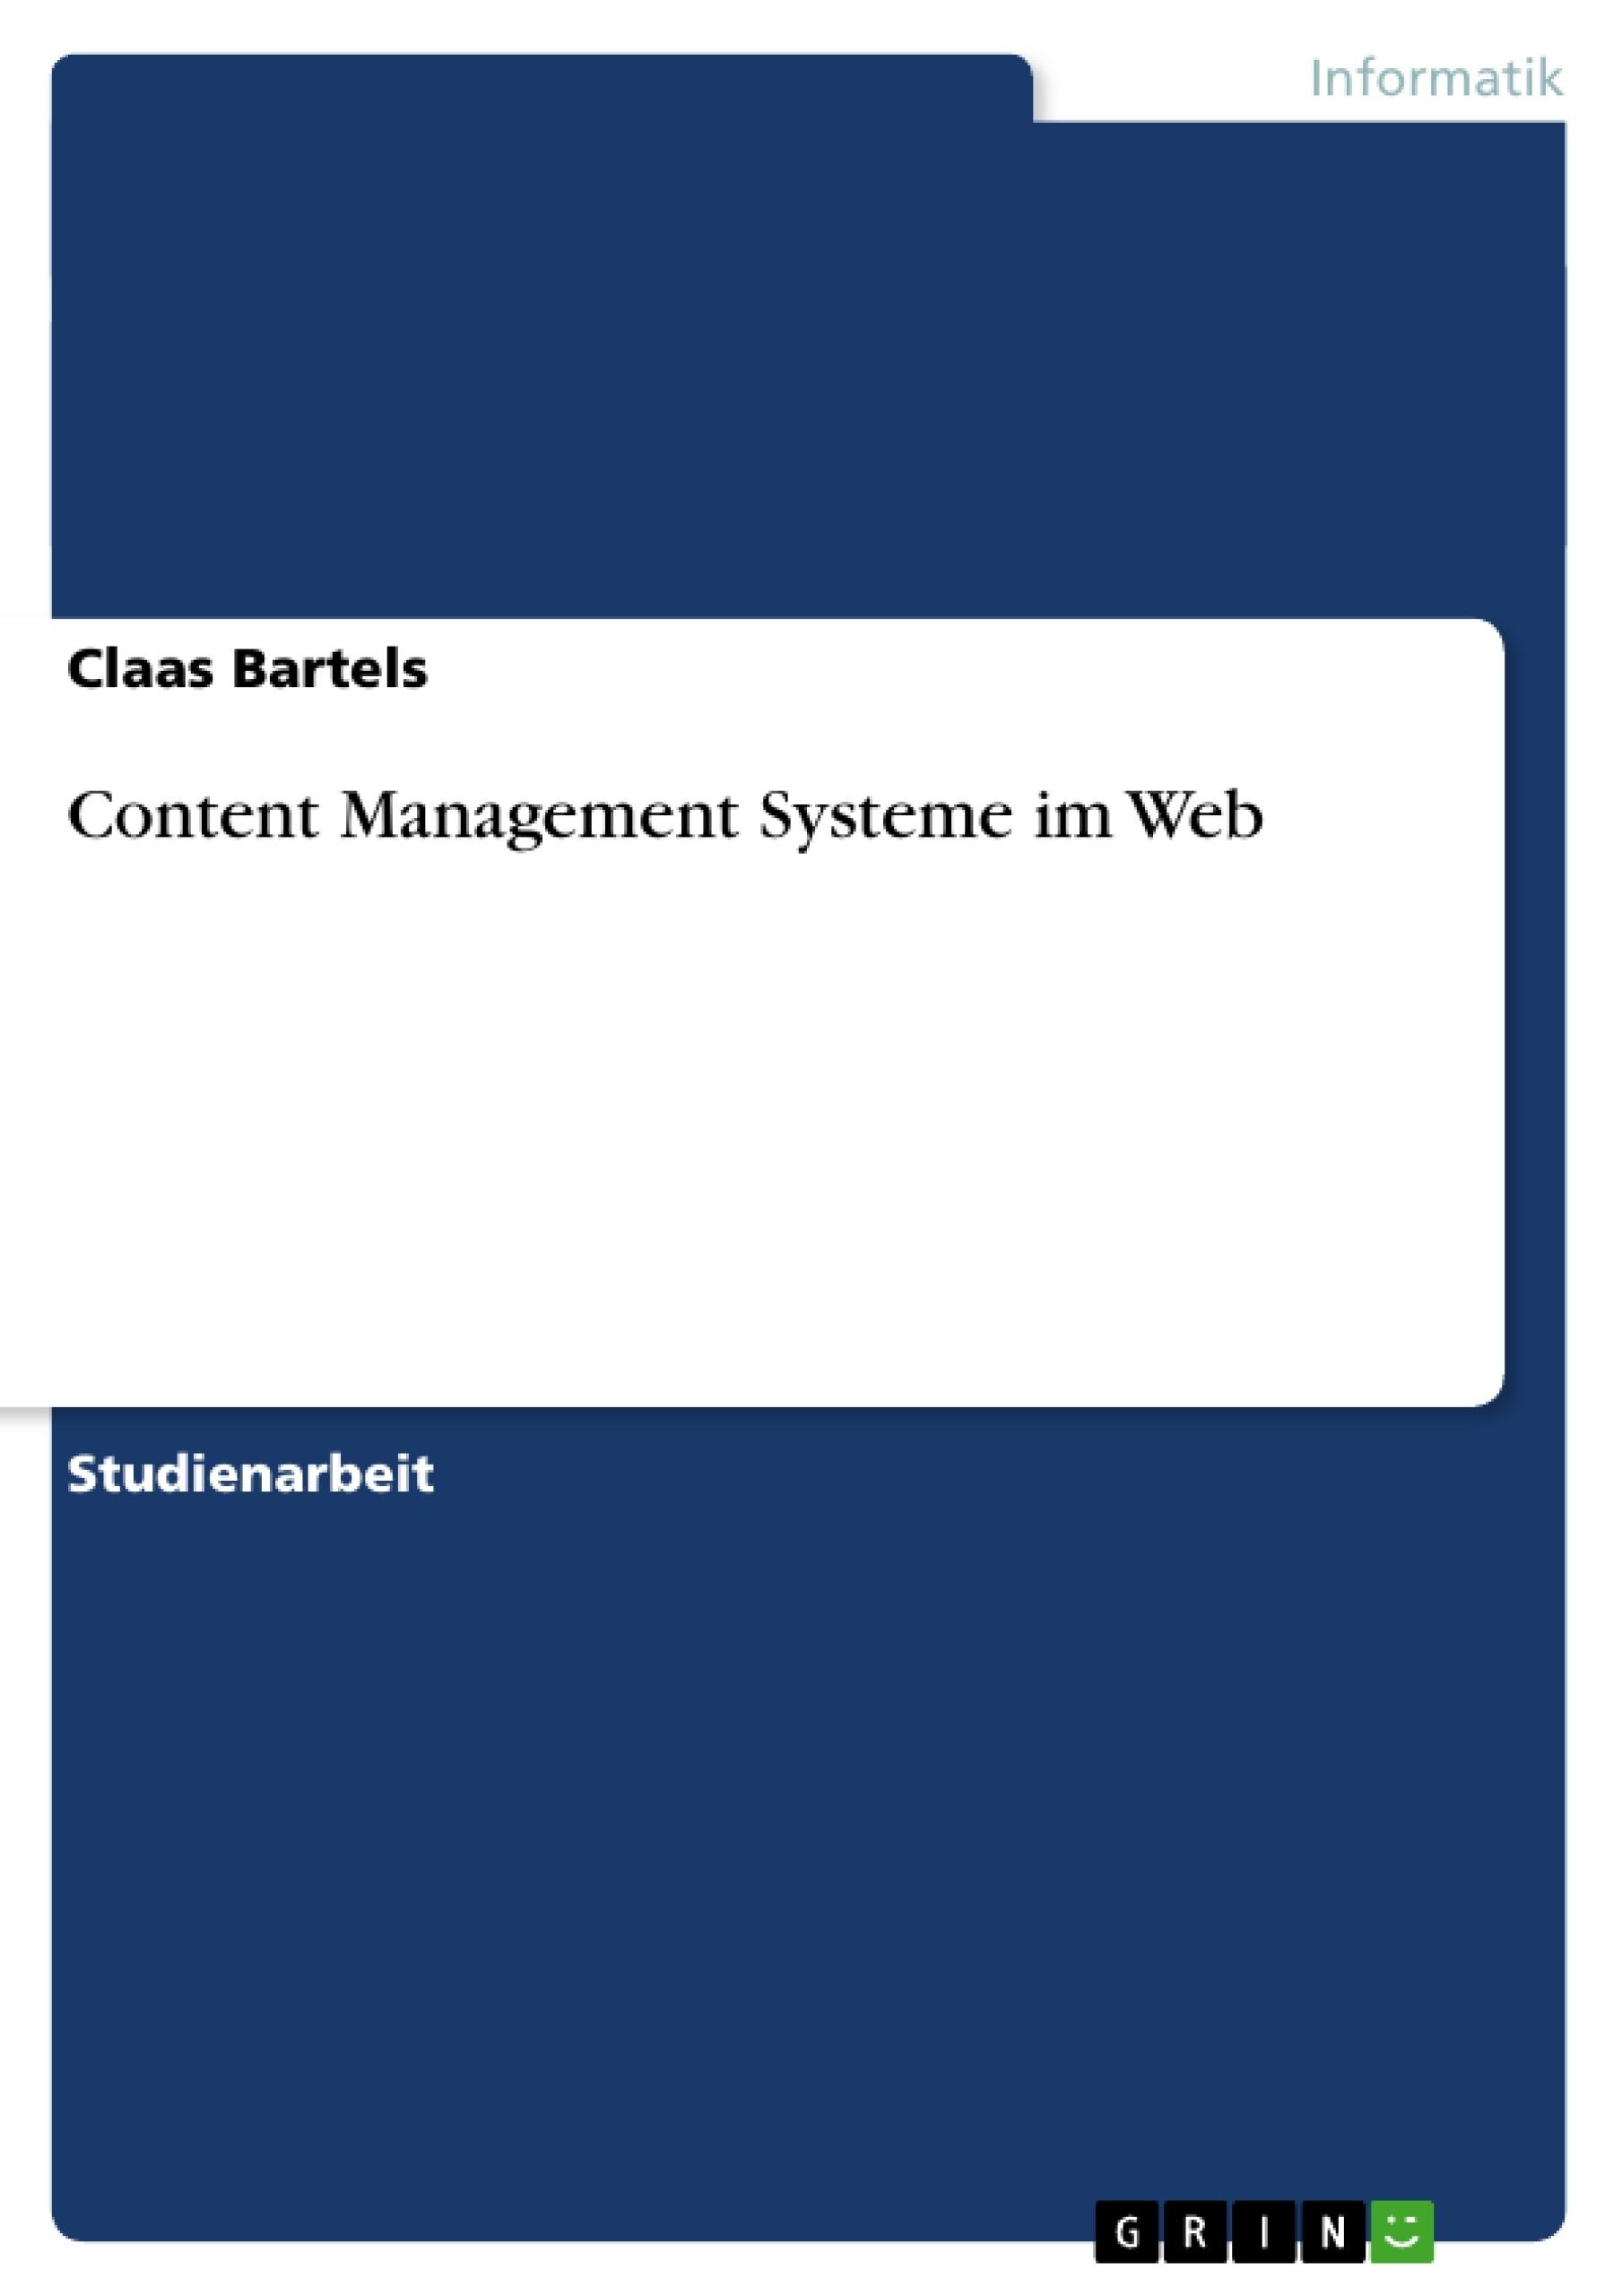 Titel: Content Management Systeme im Web